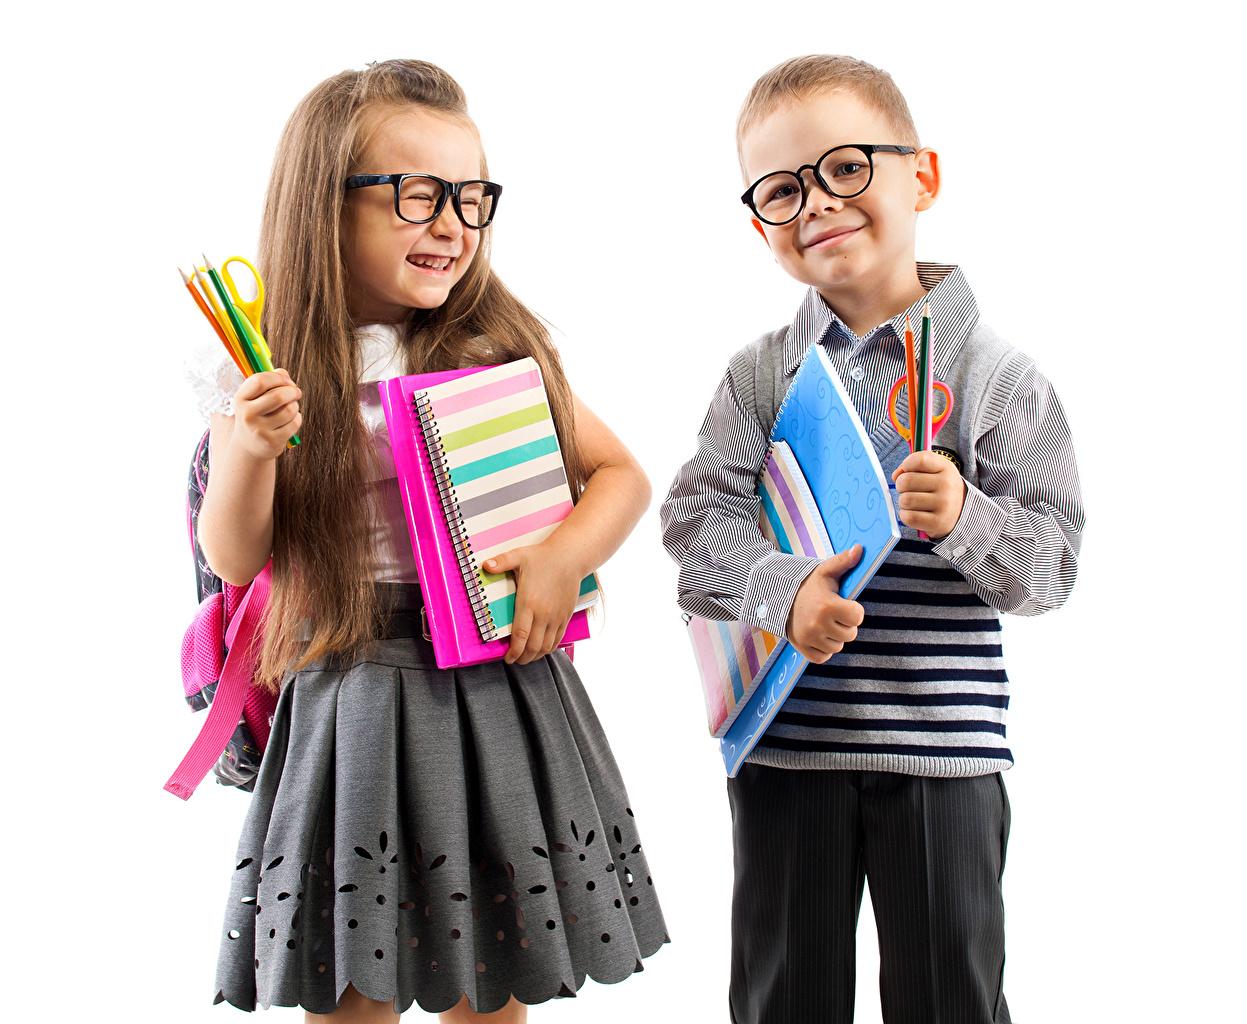 Картинка Девочки Мальчики юбки карандаш Дети Двое Тетрадь Очки девочка мальчик мальчишка мальчишки Юбка юбке Карандаши карандаша карандашей ребёнок 2 два две вдвоем очков очках